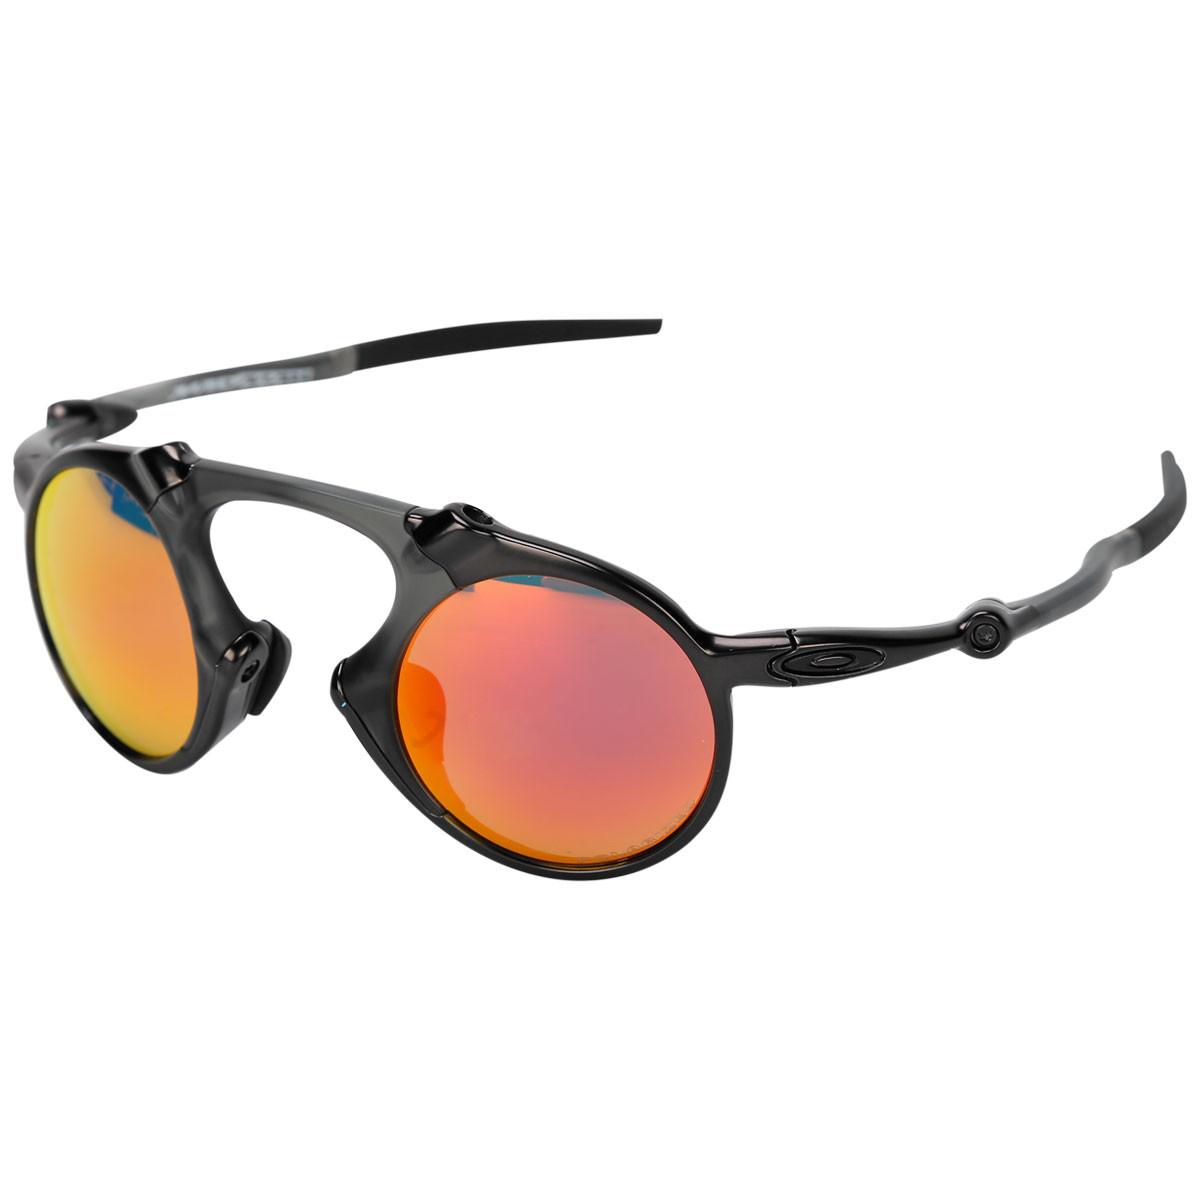 5a8ccc4548d3b Óculos Oakley Madman Dark Carbon Lente Ruby Iridium Polarizado ref ...